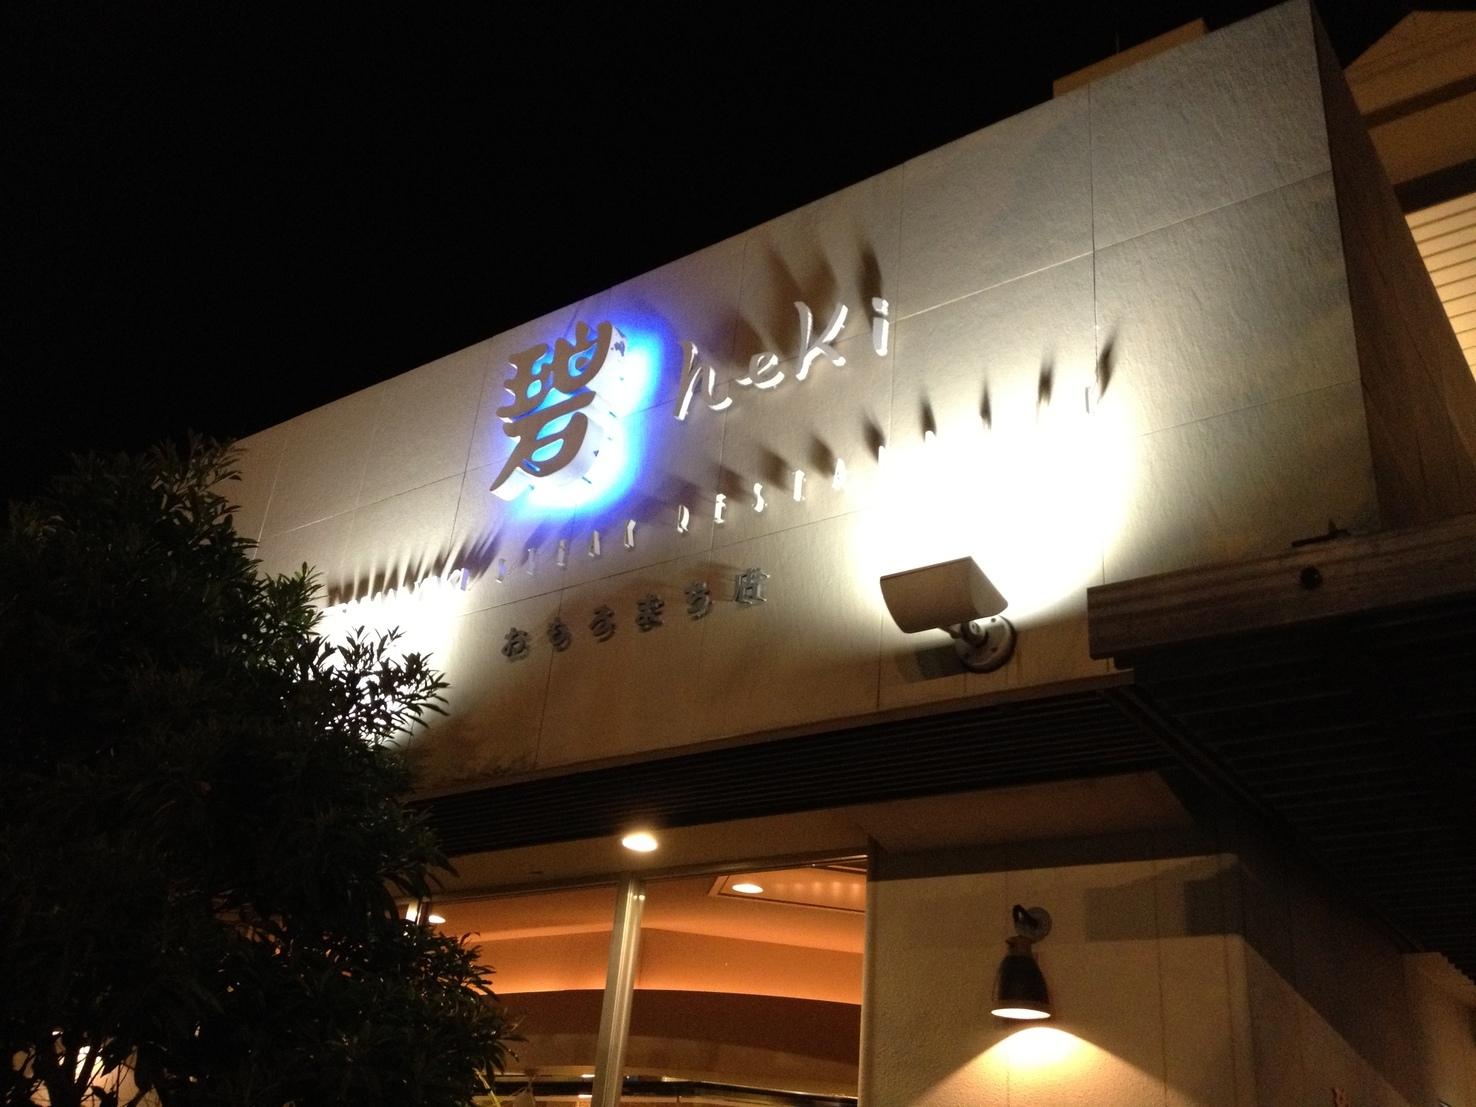 沖縄でステーキが食べたくなった貴方へ「国際通り」のステーキ店おすすめランキング